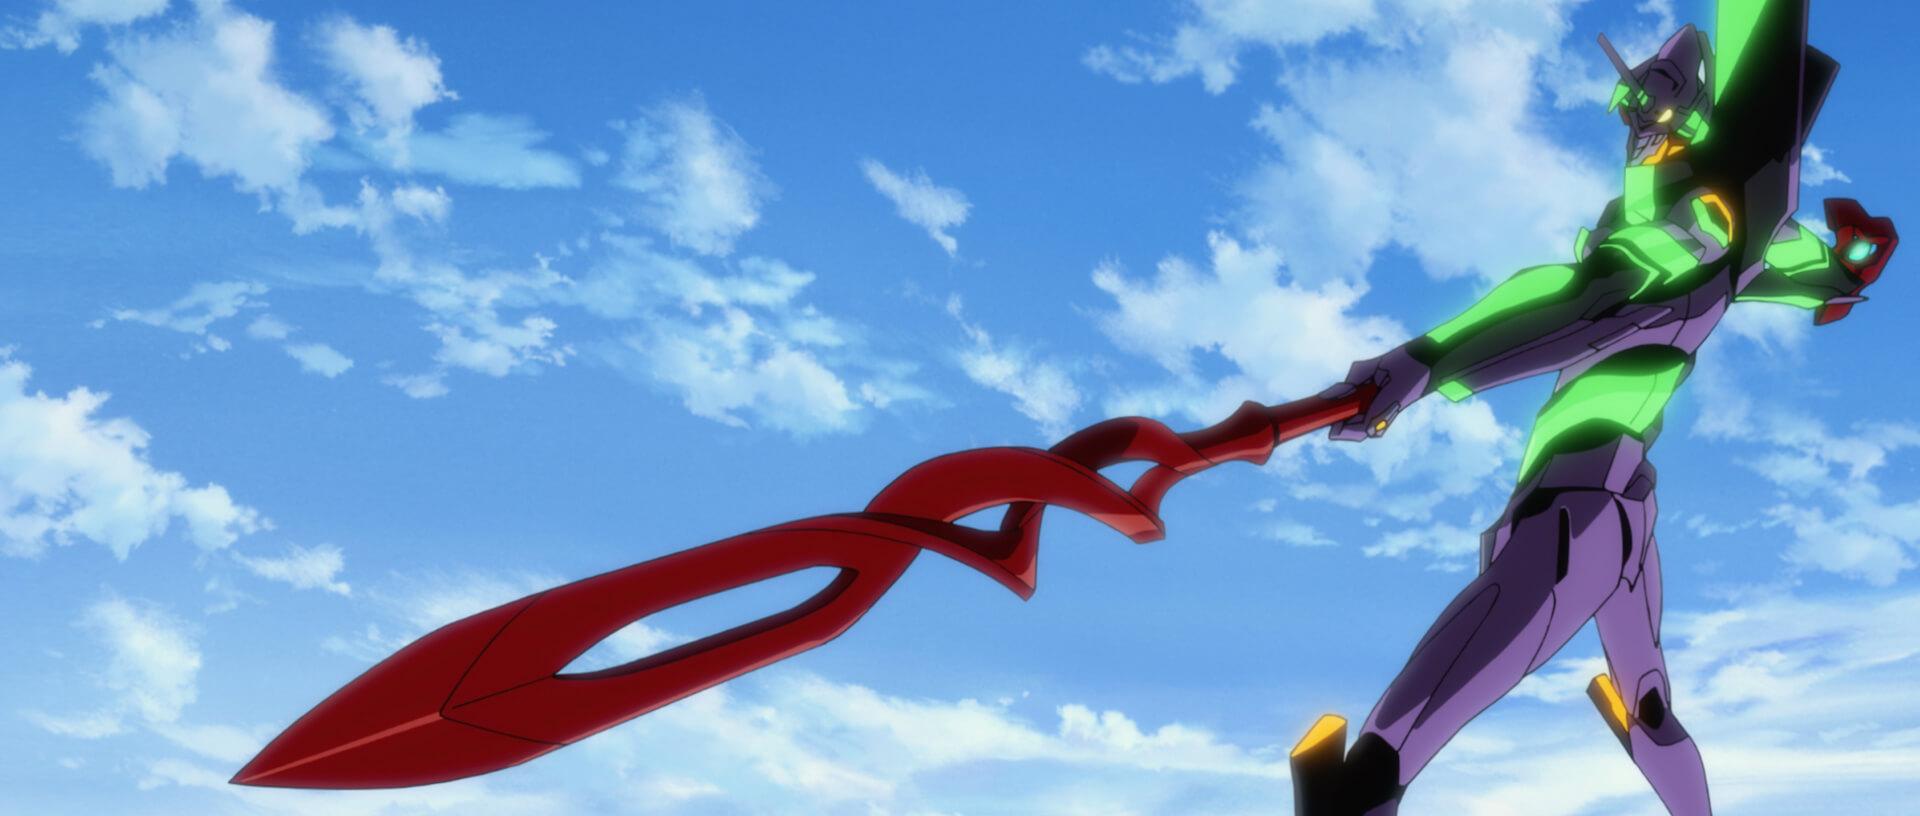 『シン・エヴァンゲリオン劇場版』が『シン・ゴジラ』超えで庵野監督作最高記録を更新!興収82億円&動員数542万人突破 film210506_eva_2